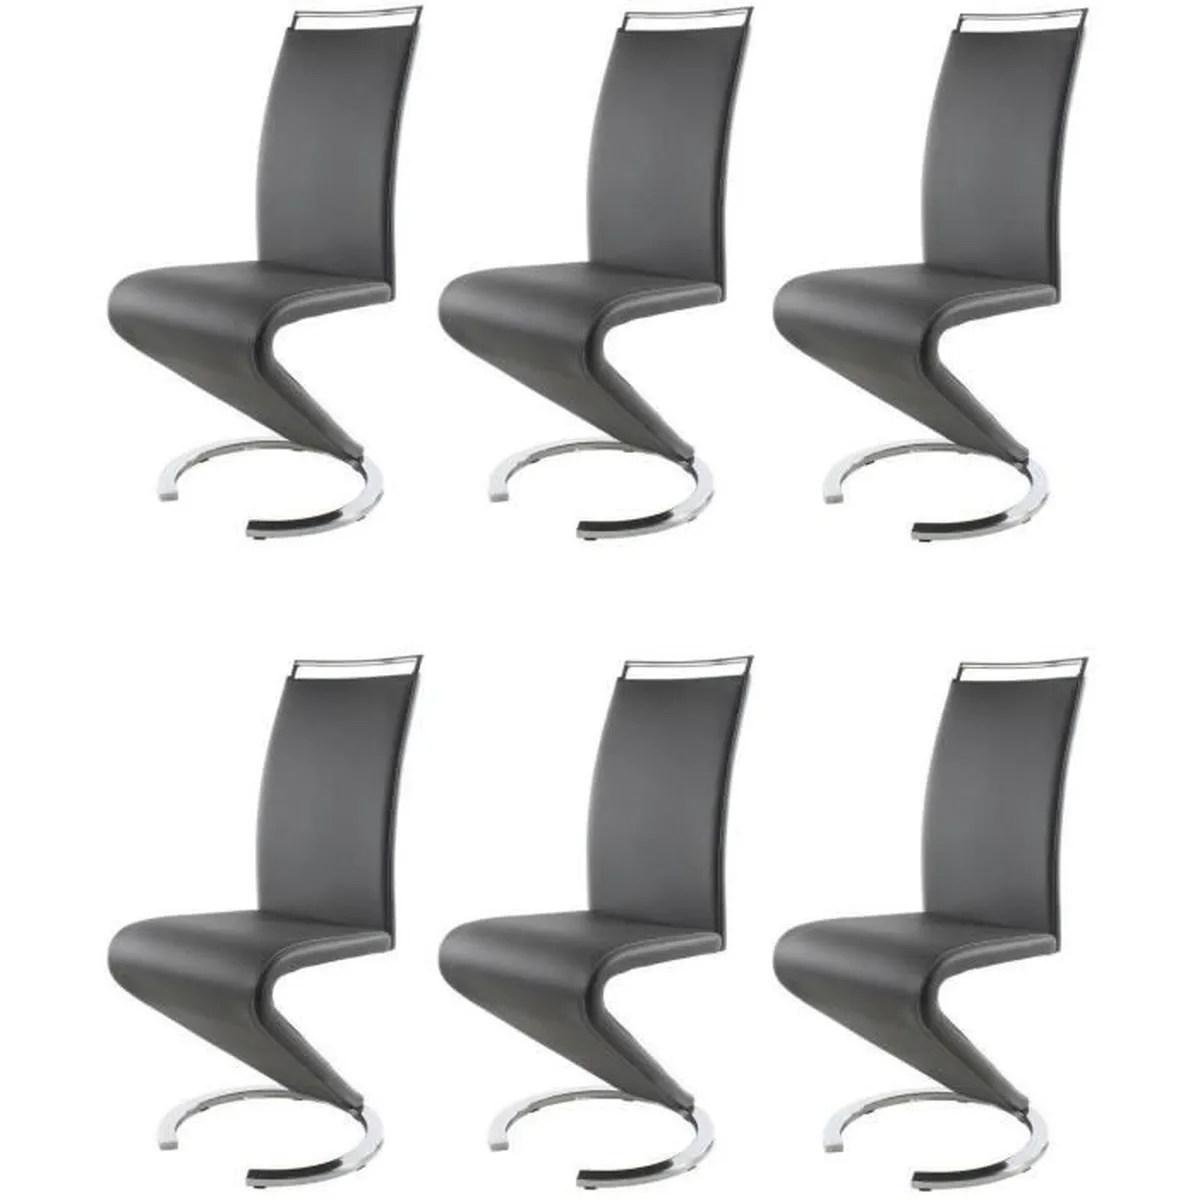 6 chaise de salon lot  Achat  Vente 6 chaise de salon